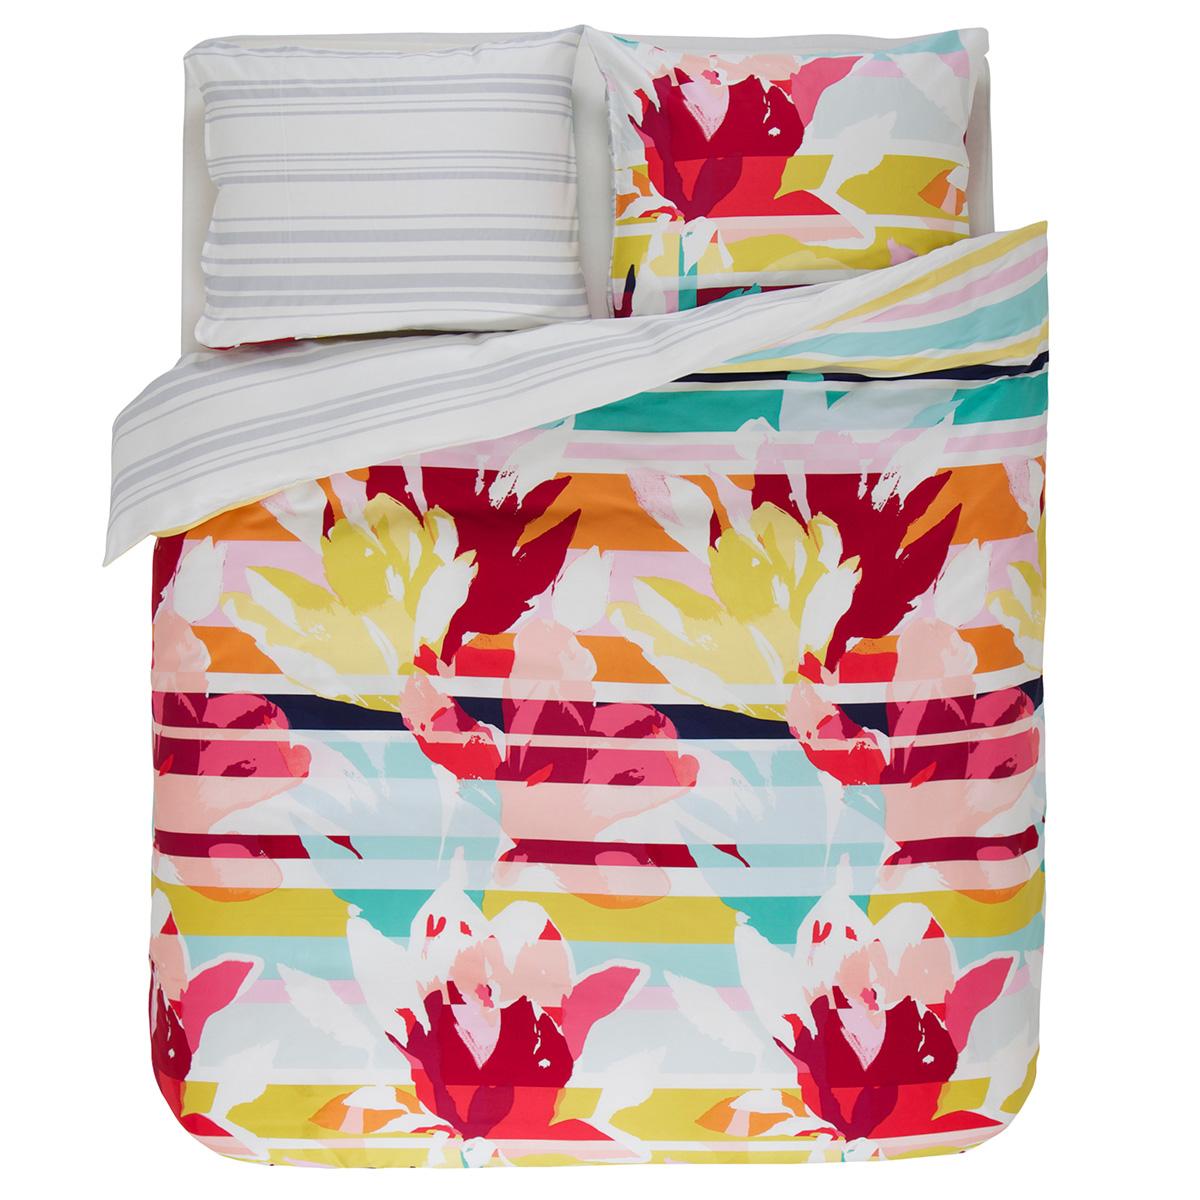 Billede af Esprit sengetøj - Floria - Dobbeltdyne